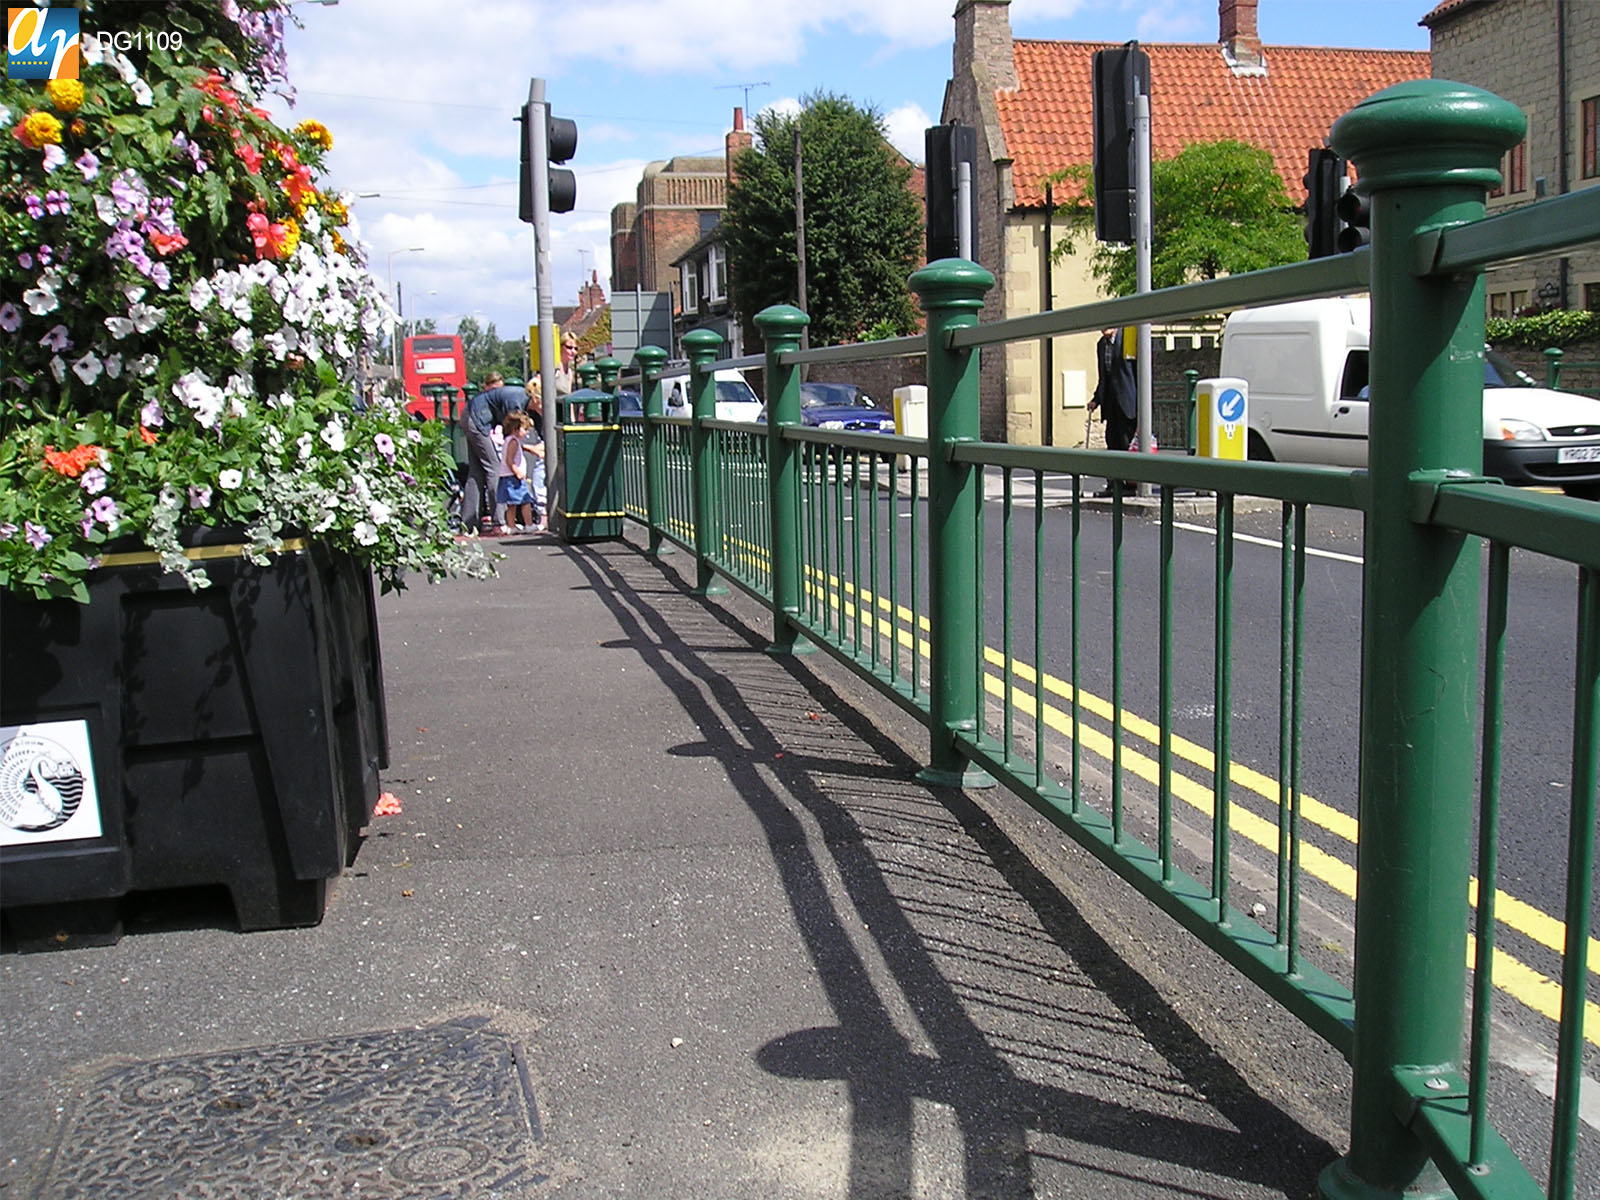 Decorative pedestrian guardrail